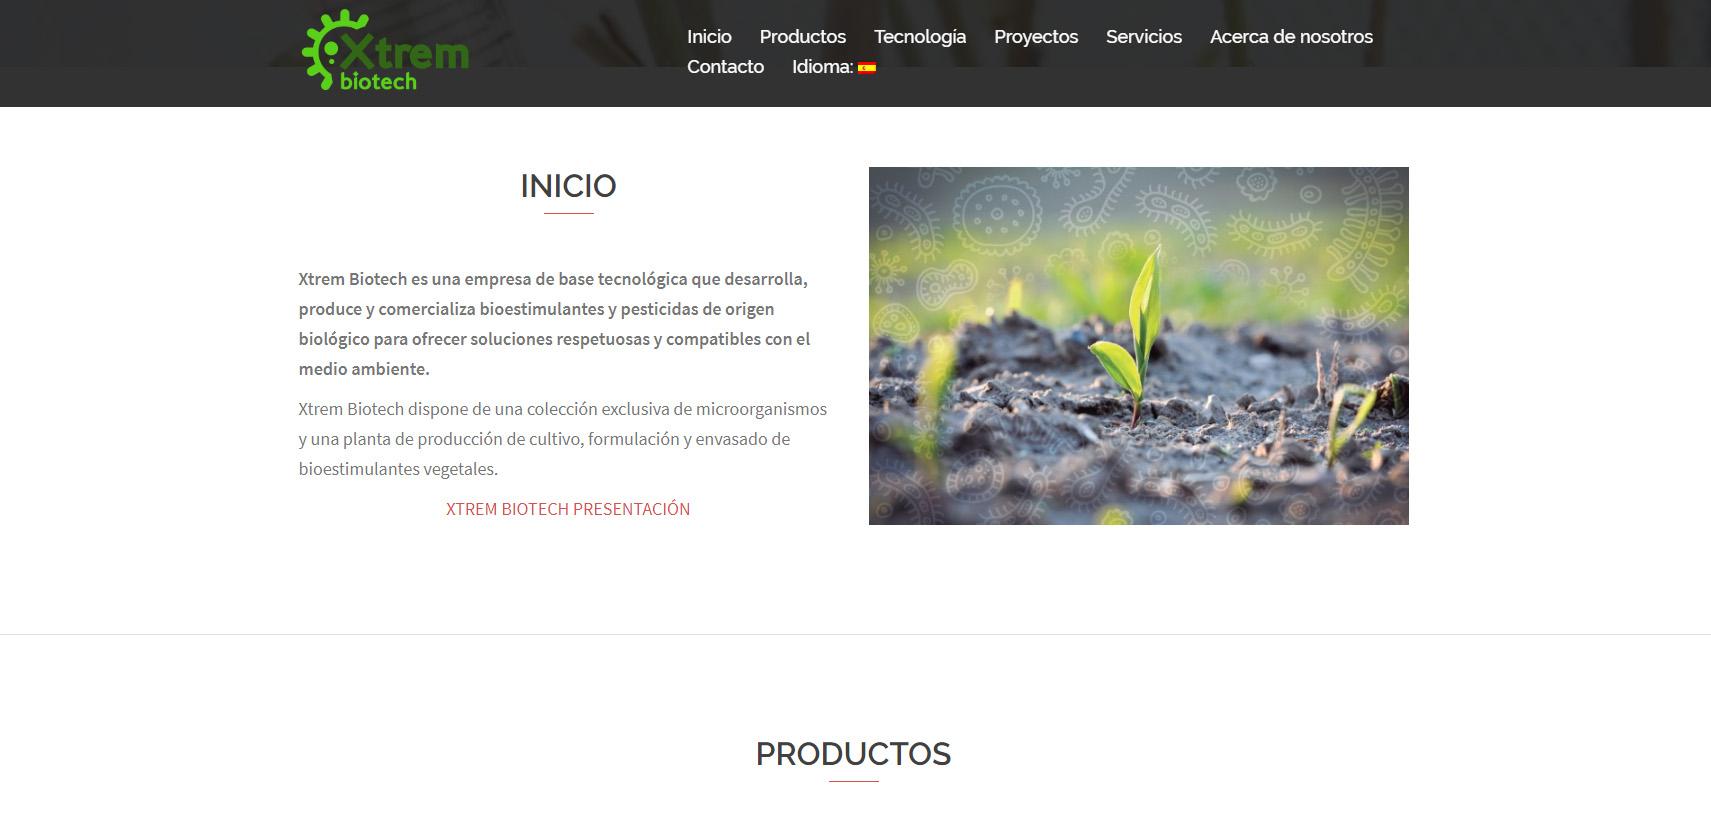 Xtrem Biotech, empresa ubicada en BIC Granada, seleccionada por TERRA como una de las 17 'startups' más innovadoras de todo el mundo